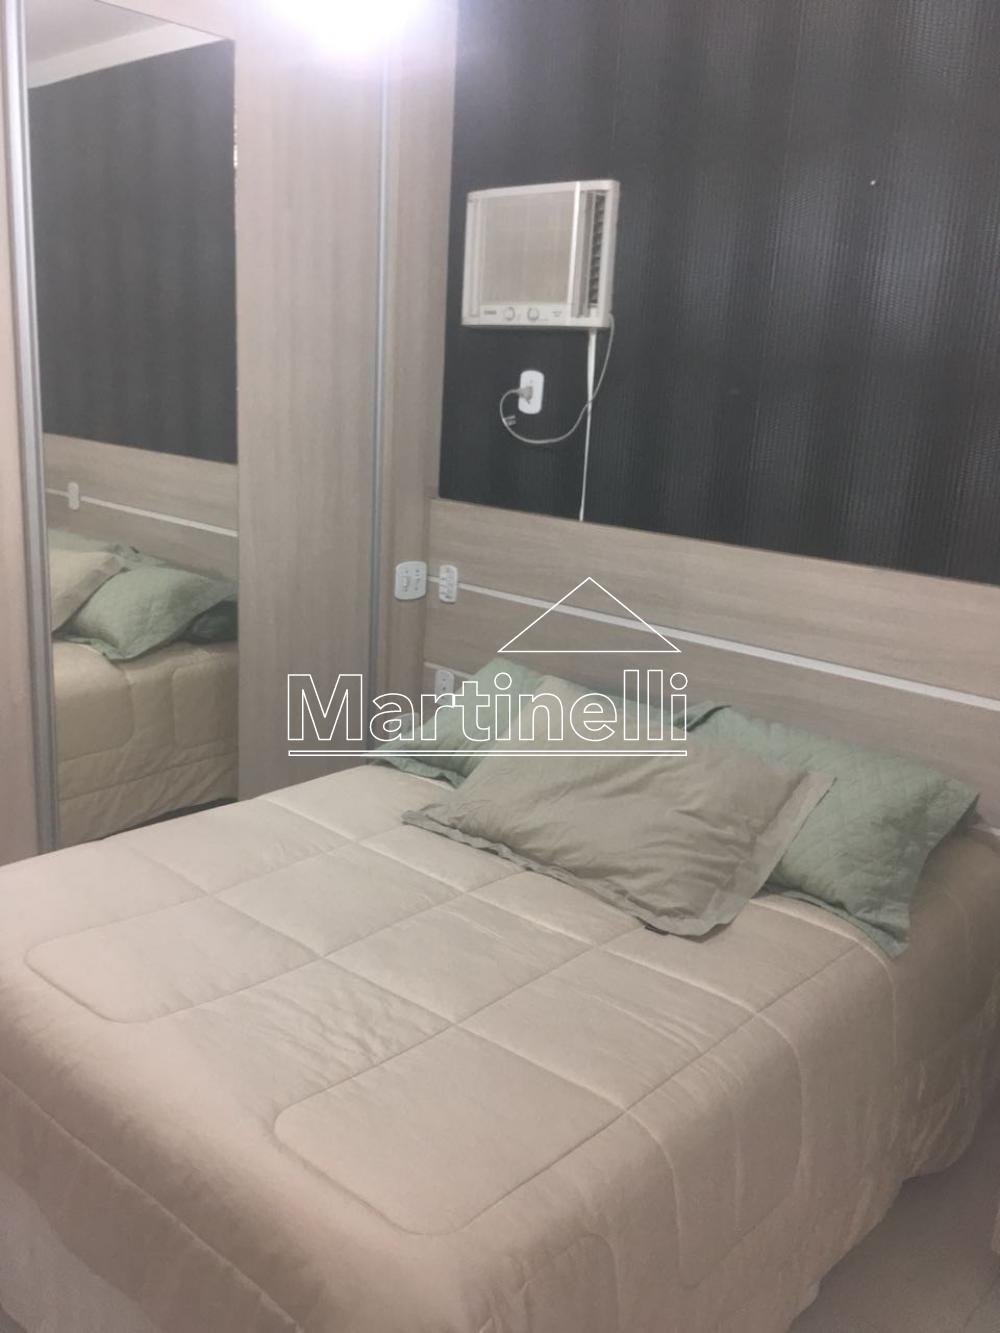 Comprar Apartamento / Padrão em Ribeirão Preto apenas R$ 445.000,00 - Foto 8